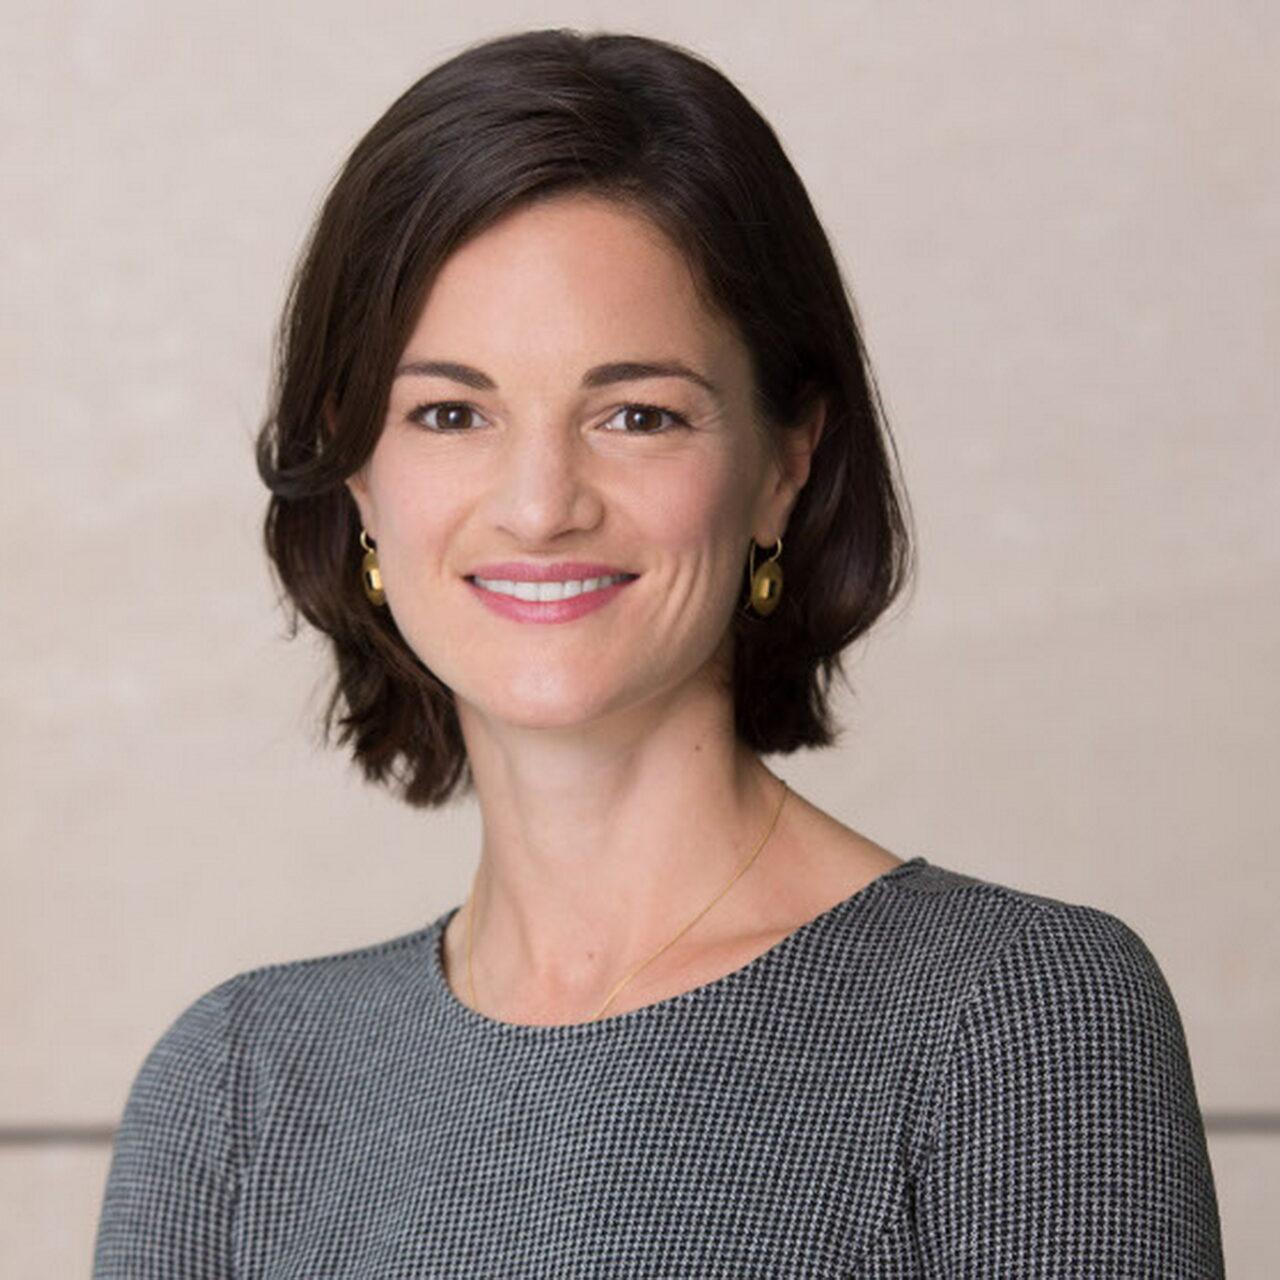 Anna Herrhausen übernimmt die Leitung der Abteilung Kunst, Kultur & Sport der Deutschen Bank